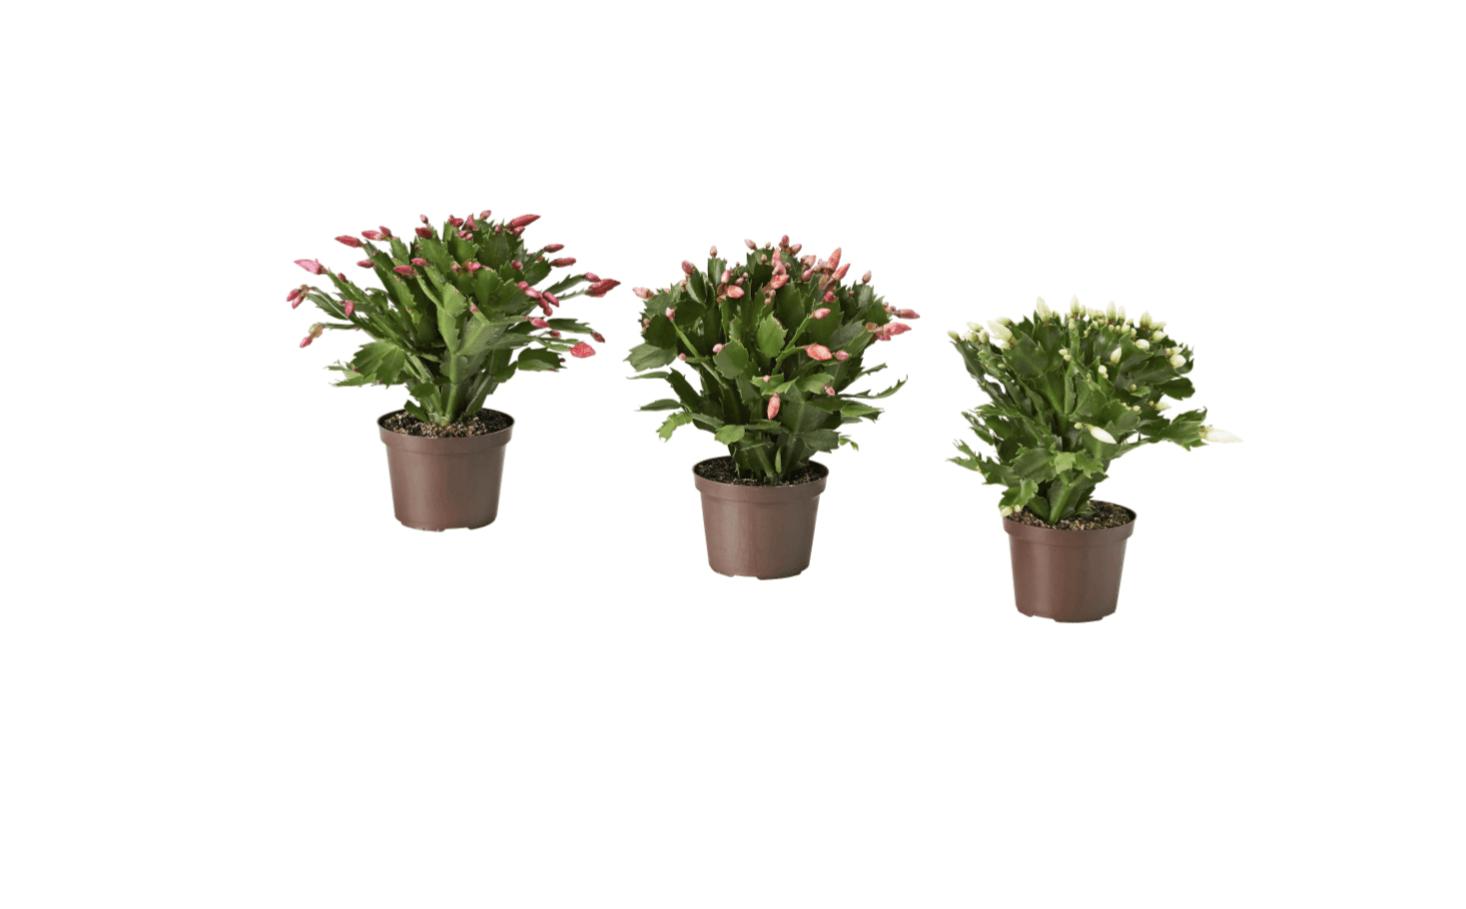 包括其他包括葡萄的植物,包括玫瑰和玫瑰玫瑰,包括粉色的草莓植物。